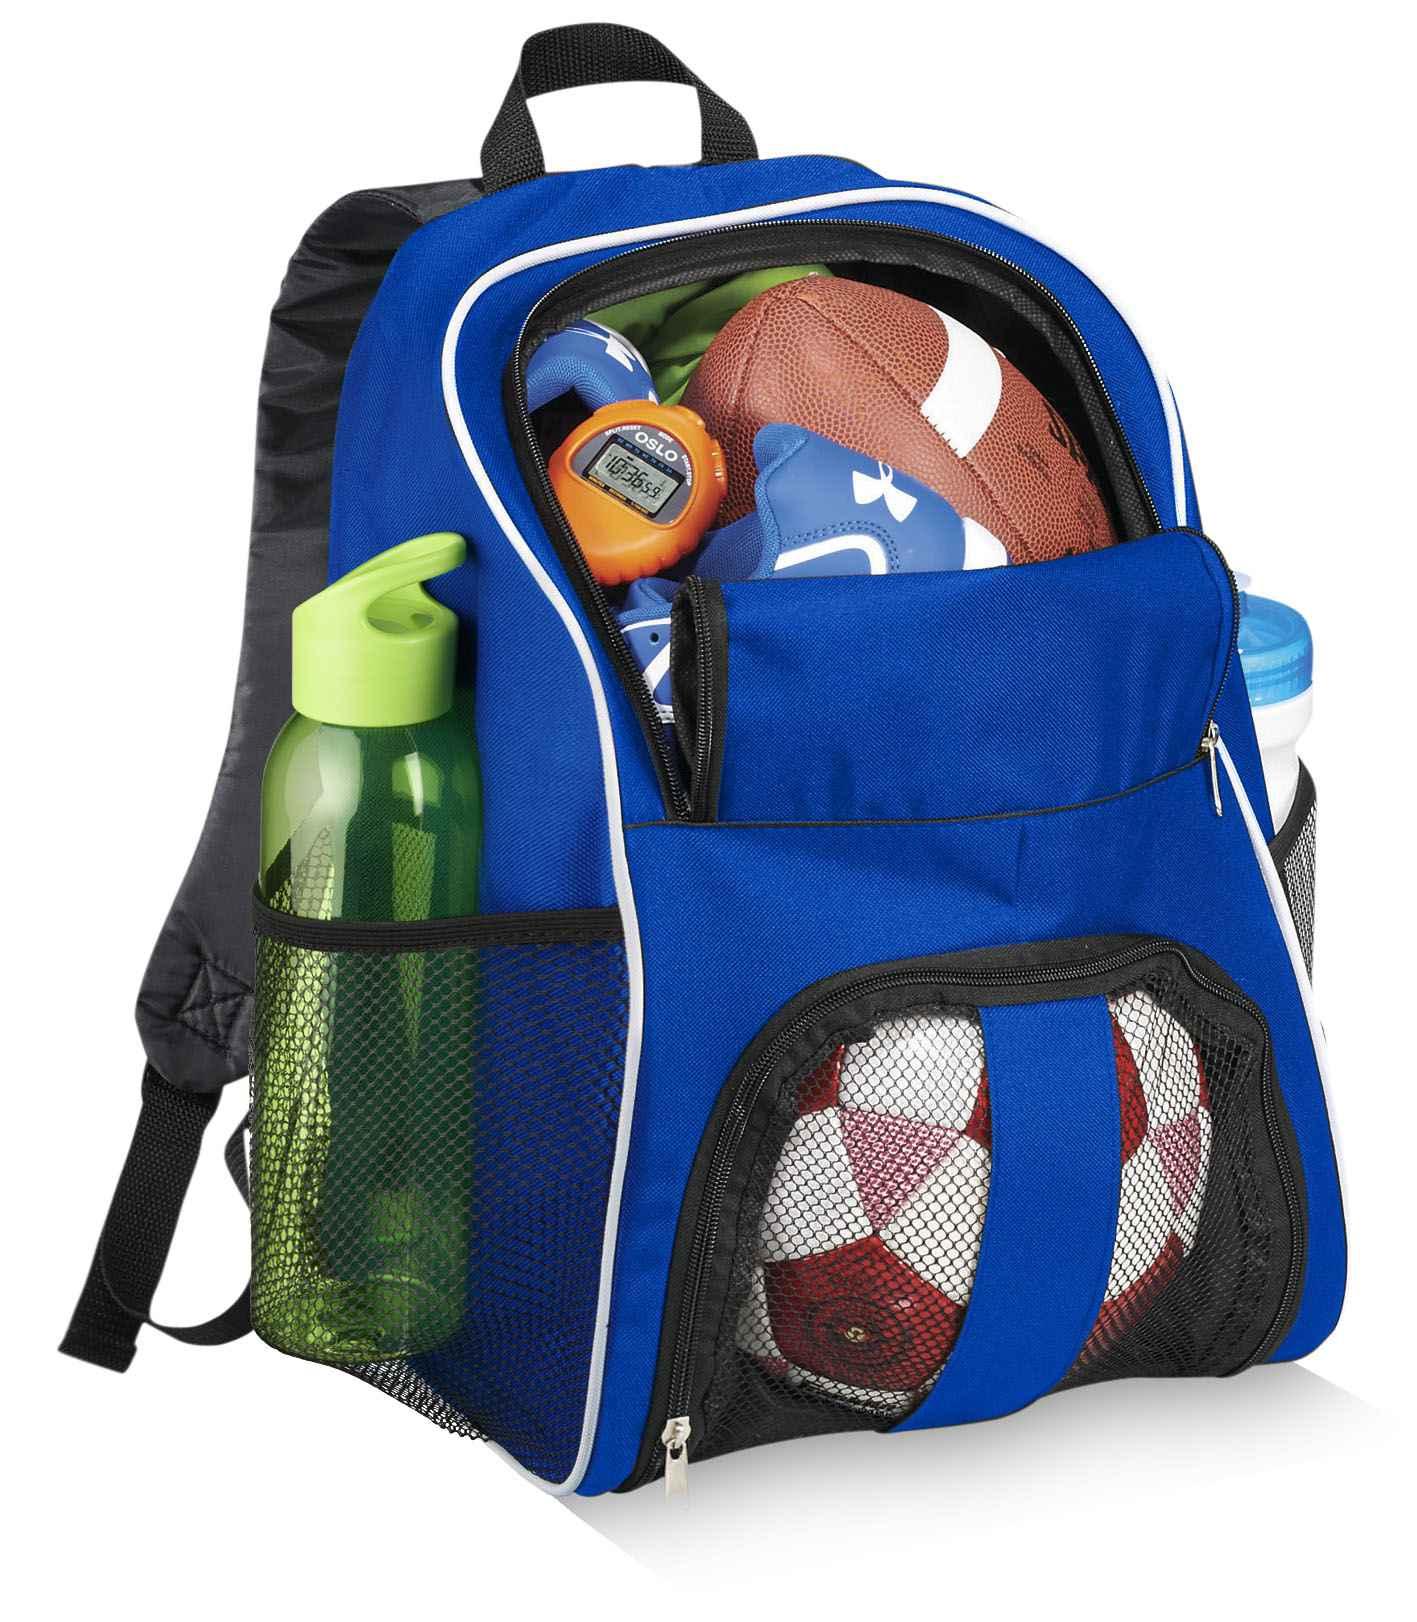 Sac à dos publicitaire Goaler - sac de sport personnalisable